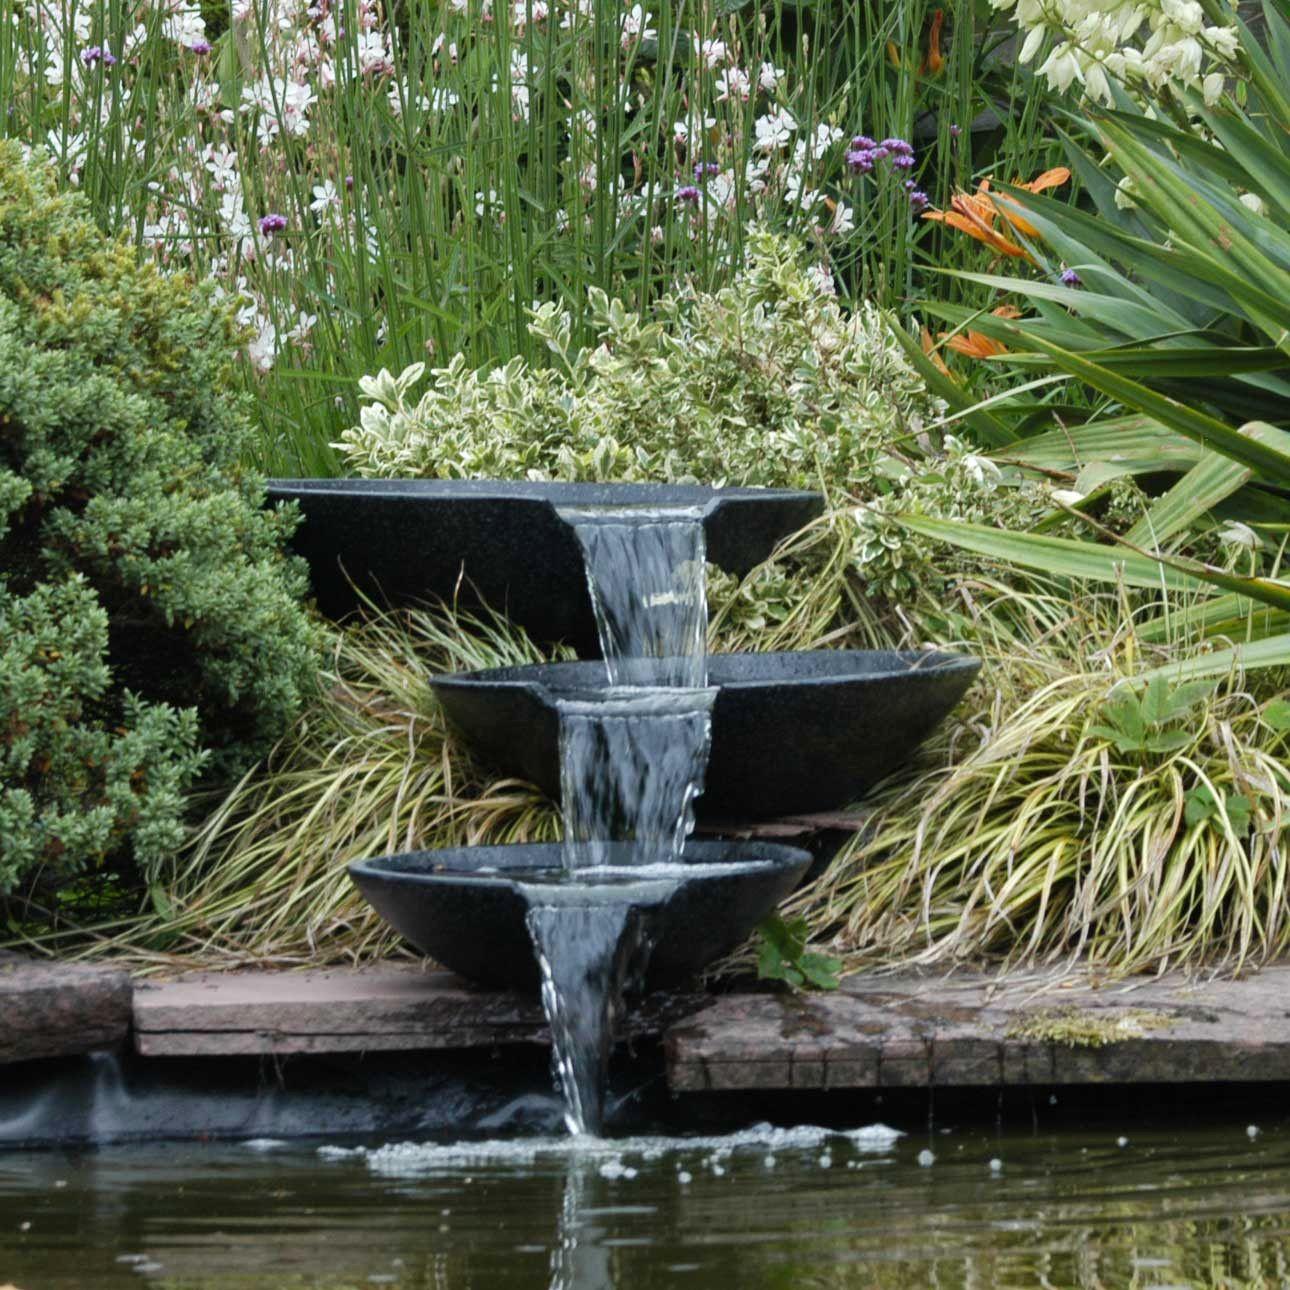 Bassin Fontaine De Jardin bassin et fontaine relaxant jardin | fontaine de jardin